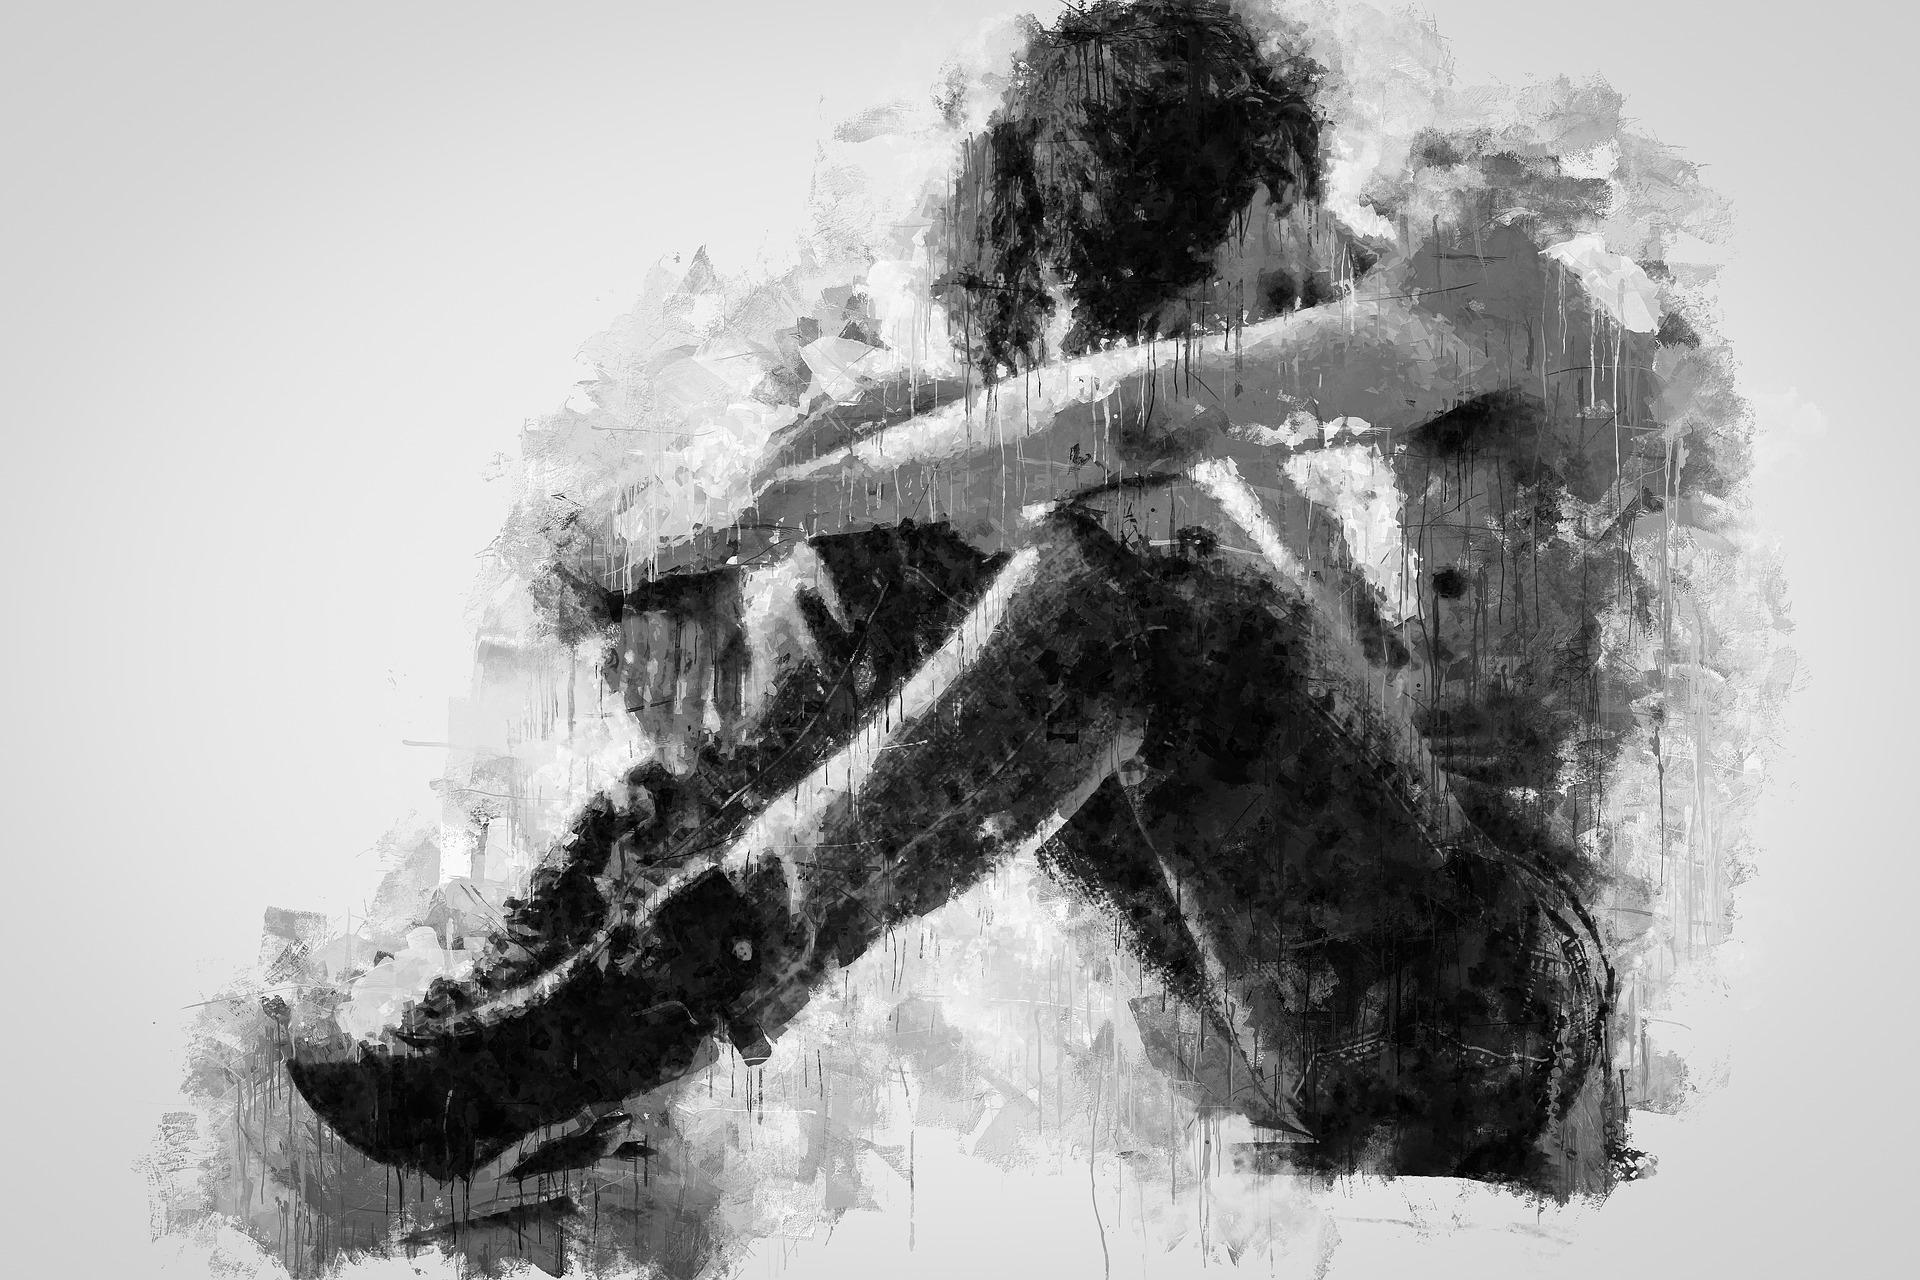 Finns det några förklaringen till självmord?